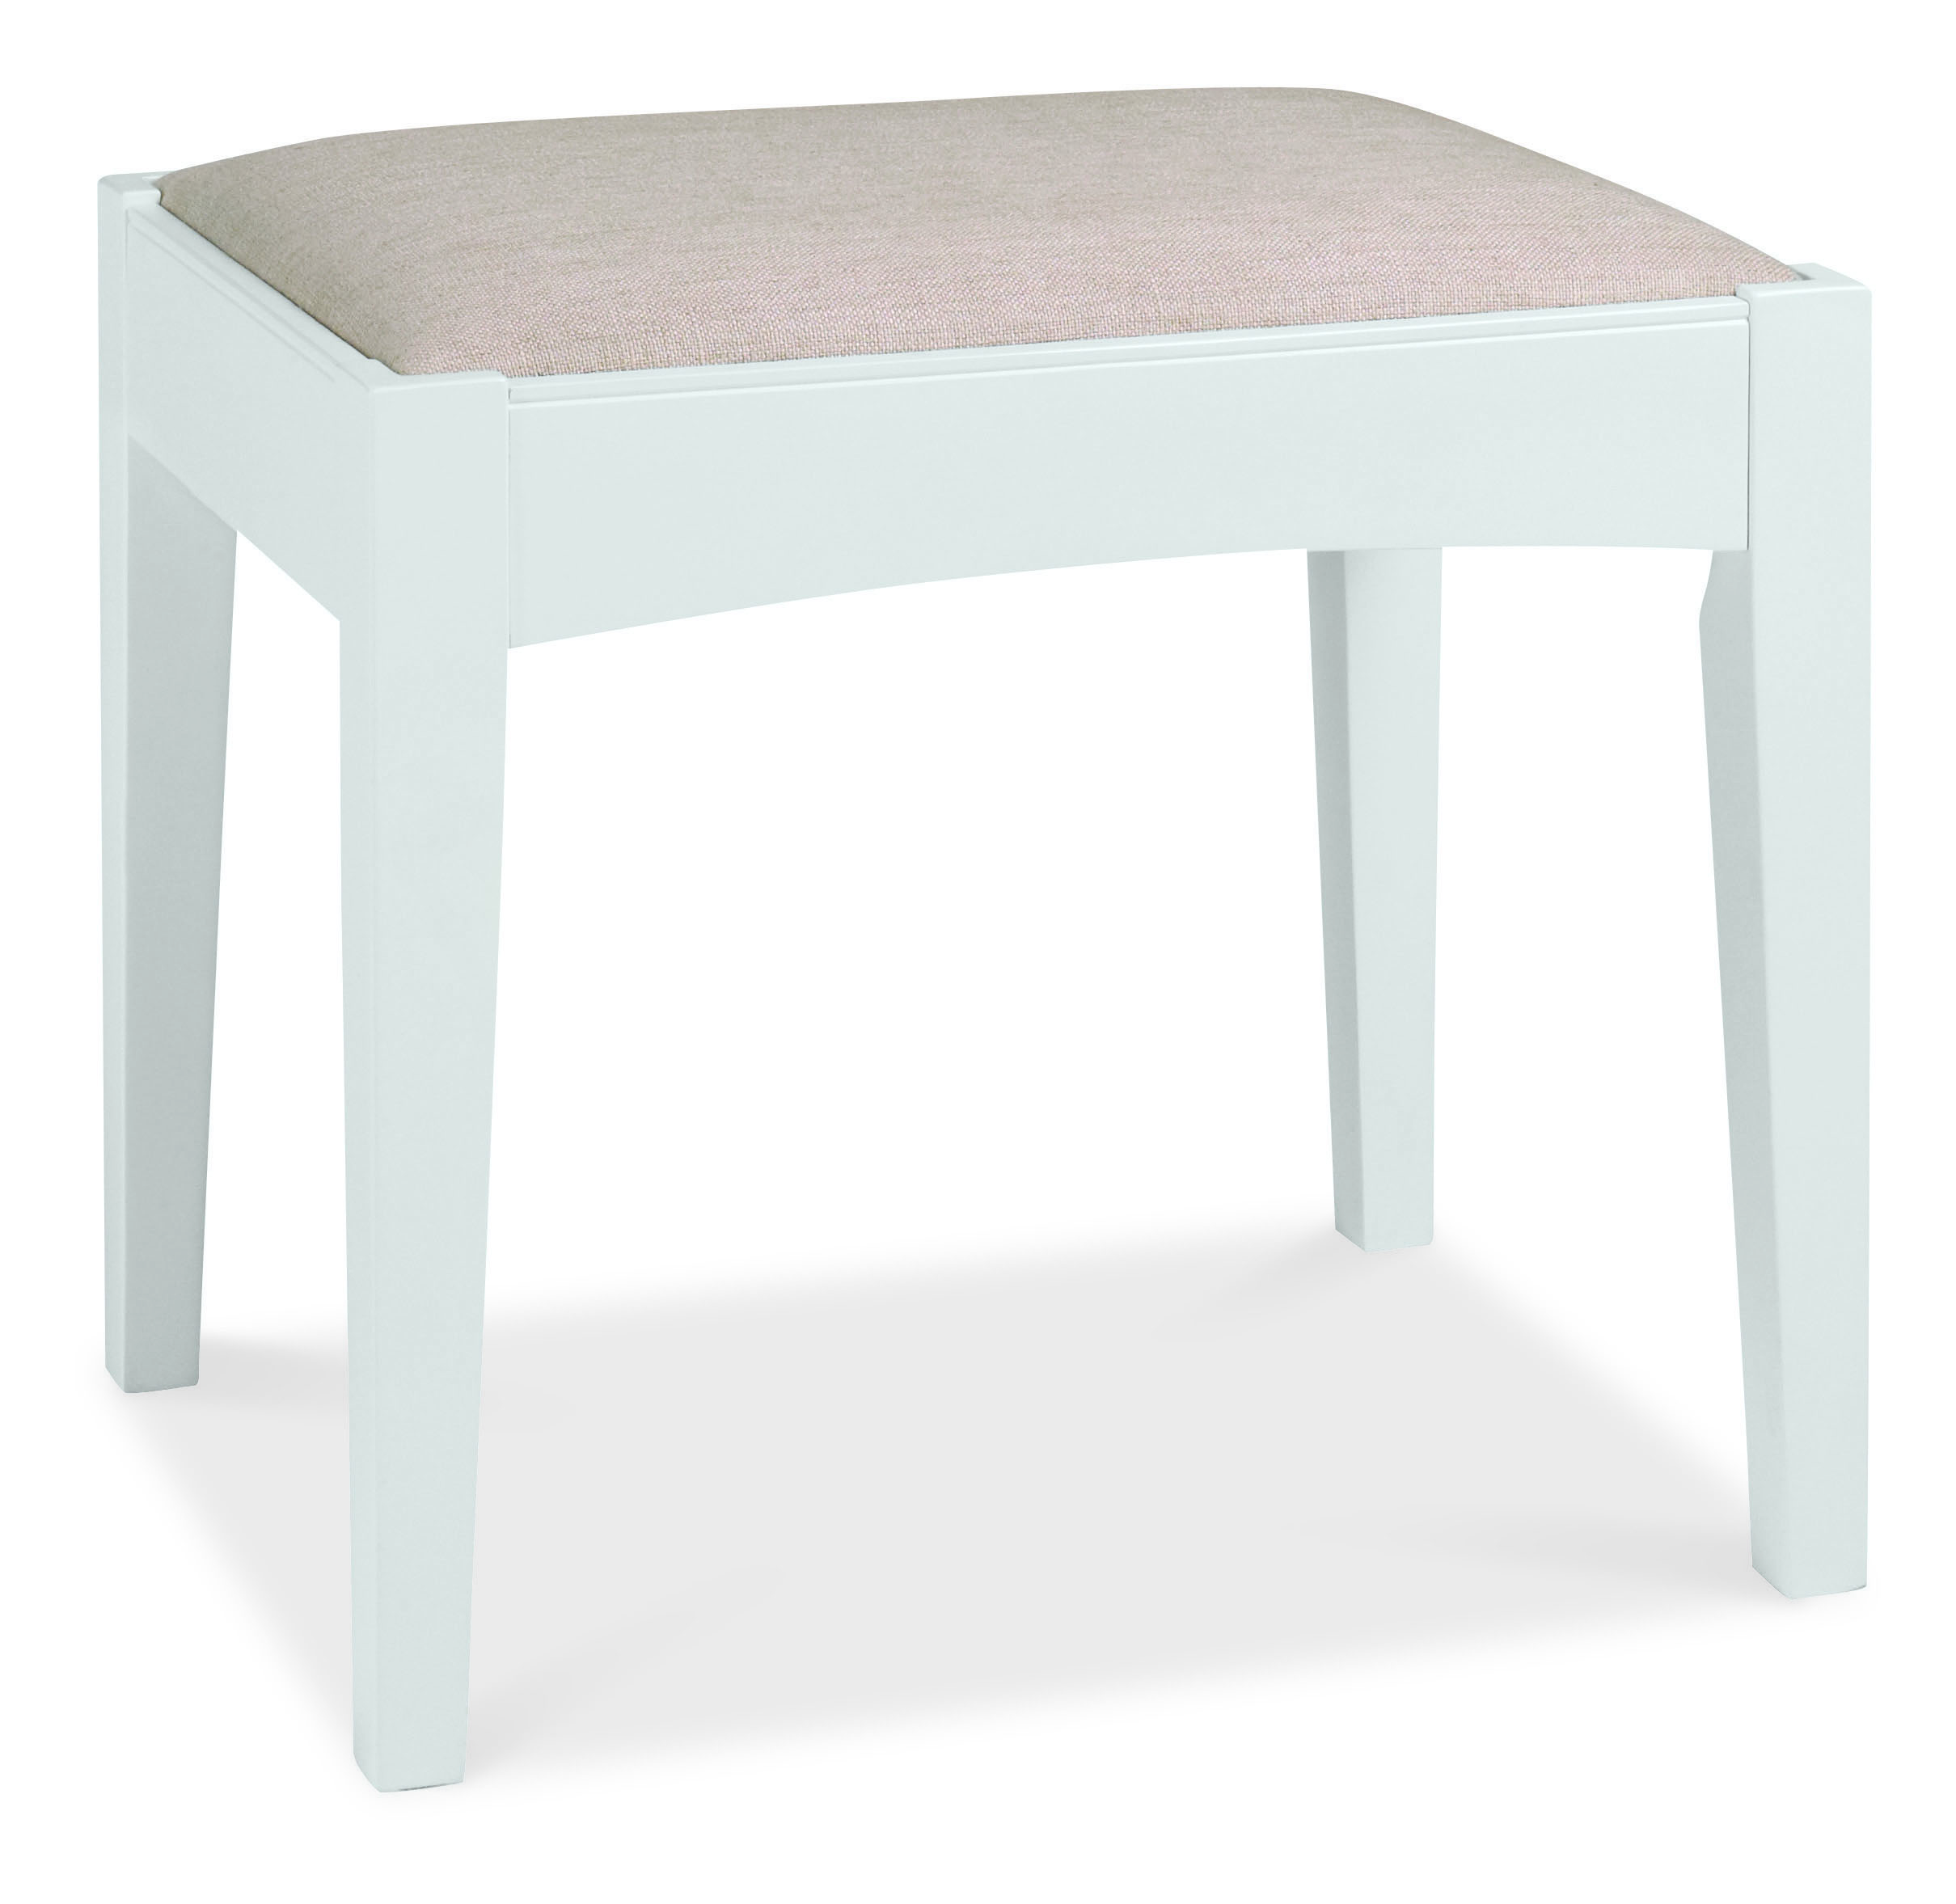 Heronford White Dressing Table Stool